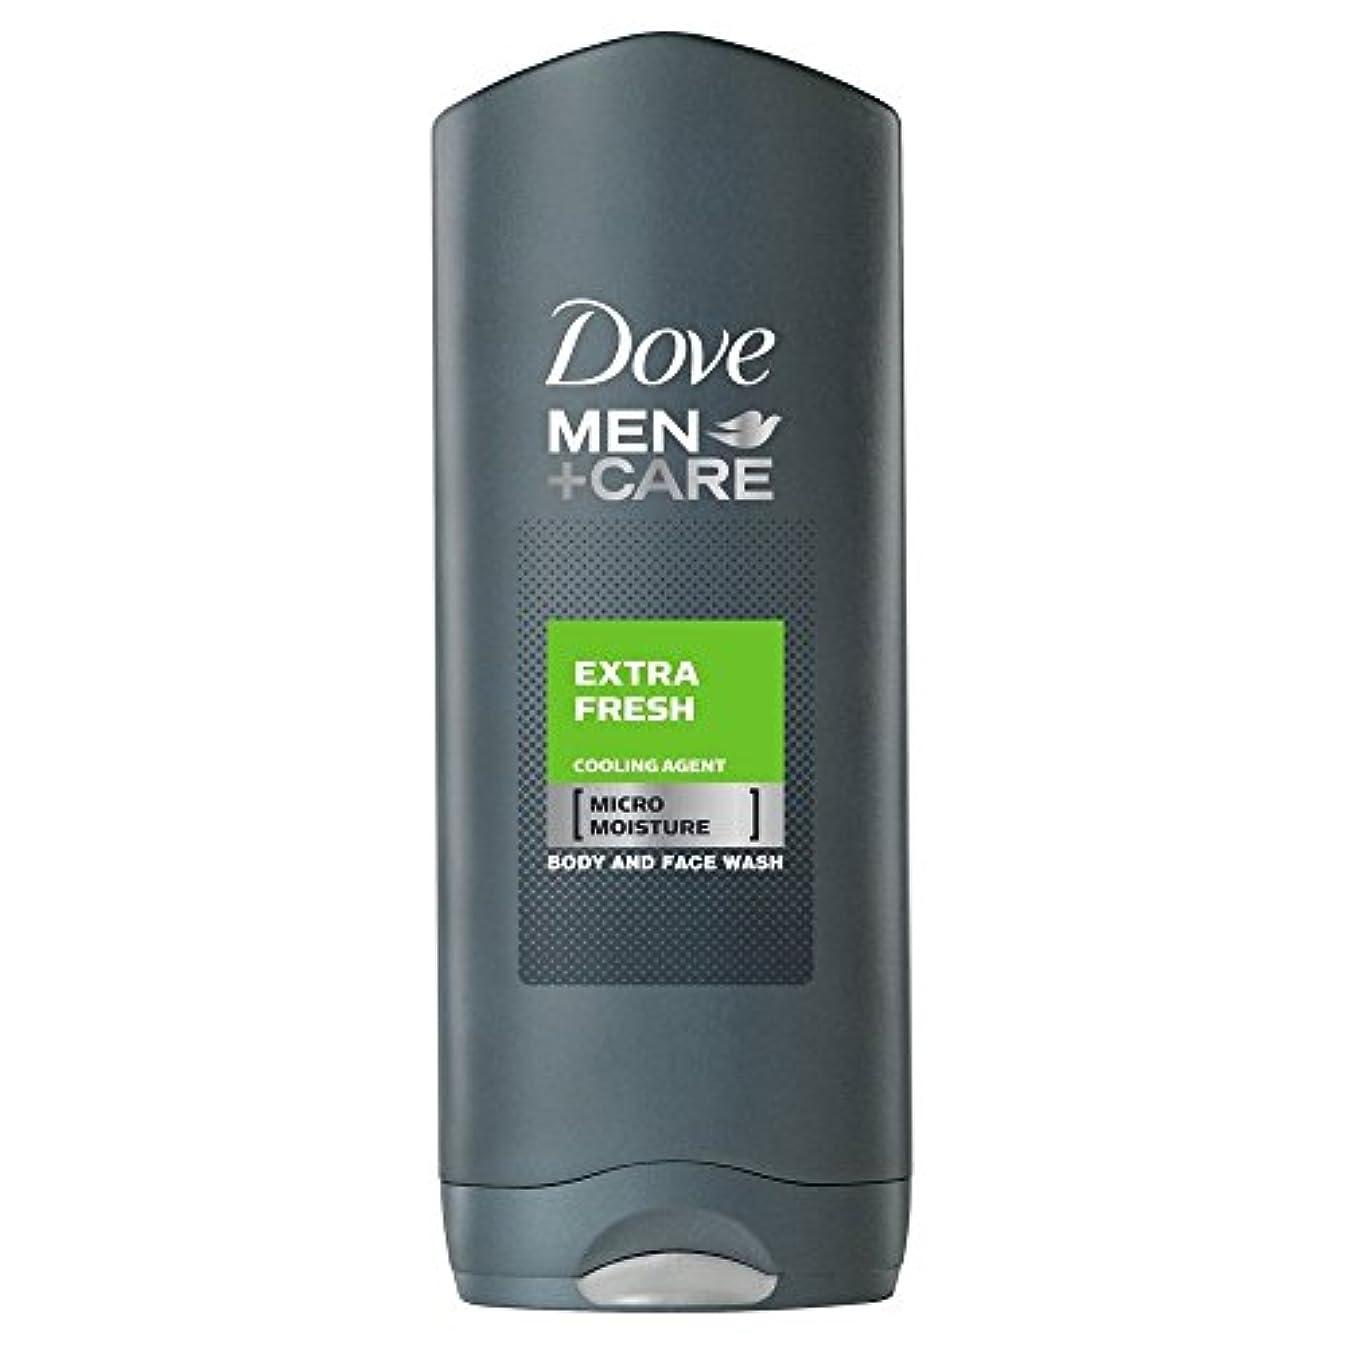 身元微生物迷惑Dove Men + Care Body & Face Wash - Extra Fresh (250ml) 鳩の男性は+ボディと洗顔ケア - 余分な新鮮な( 250ミリリットル)を [並行輸入品]